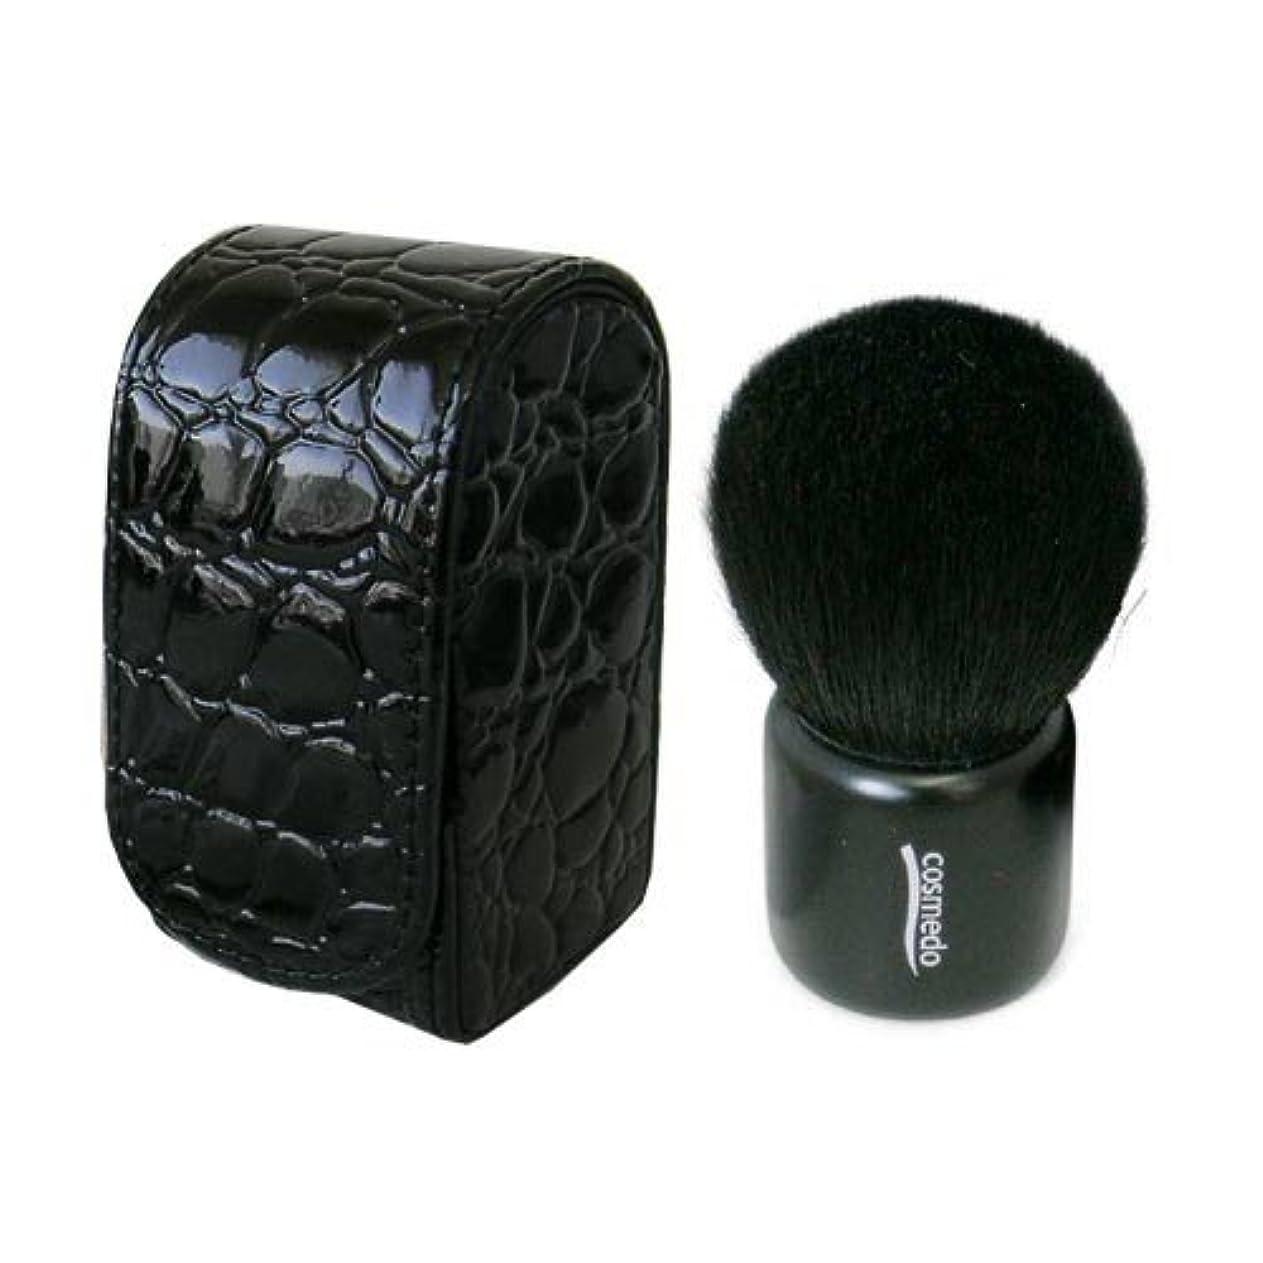 寄生虫シミュレートする踏みつけ熊野筆 メイクブラシ 匠の化粧筆コスメ堂 灰リス入り きのこブラシ(フェイスブラシ/チークブラシ) + 専用ケース のセット (ケース色ブラック/持ち手ブラック) S-023K